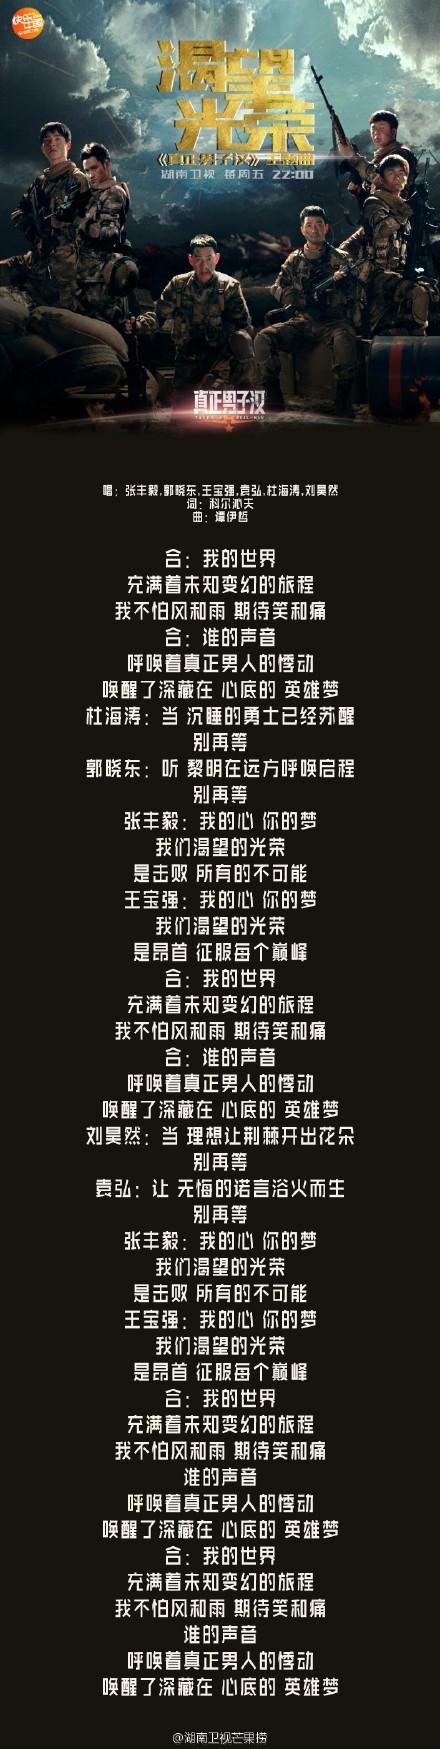 为你写歌-卫飞鸿(MP3歌词/LRC歌词) lrc歌词下载 第3张